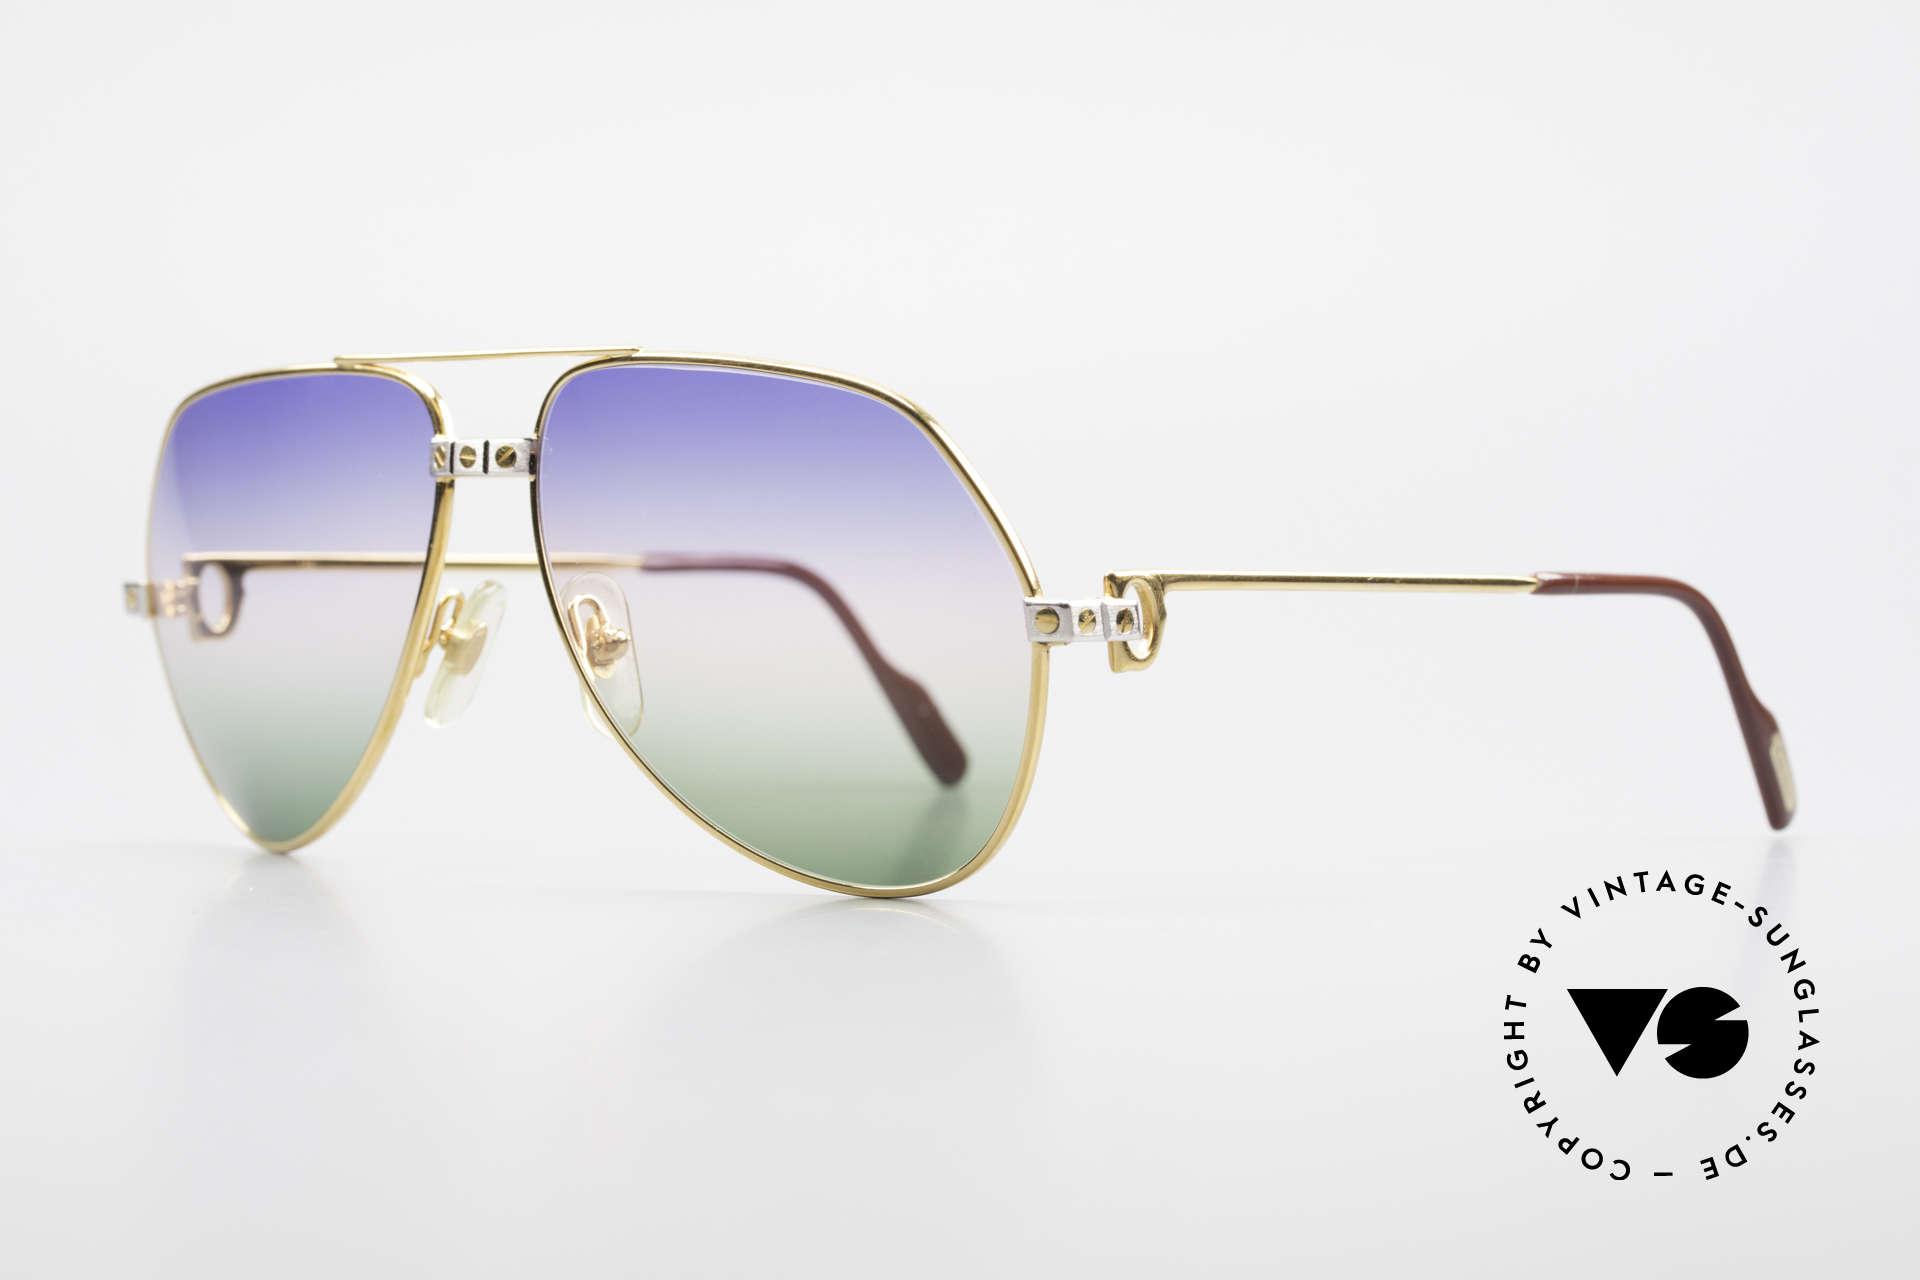 Cartier Vendome Santos - M Rare Luxury Aviator Shades, Santos Decor (with 3 screws): MEDIUM size 59-14, 130, Made for Men and Women